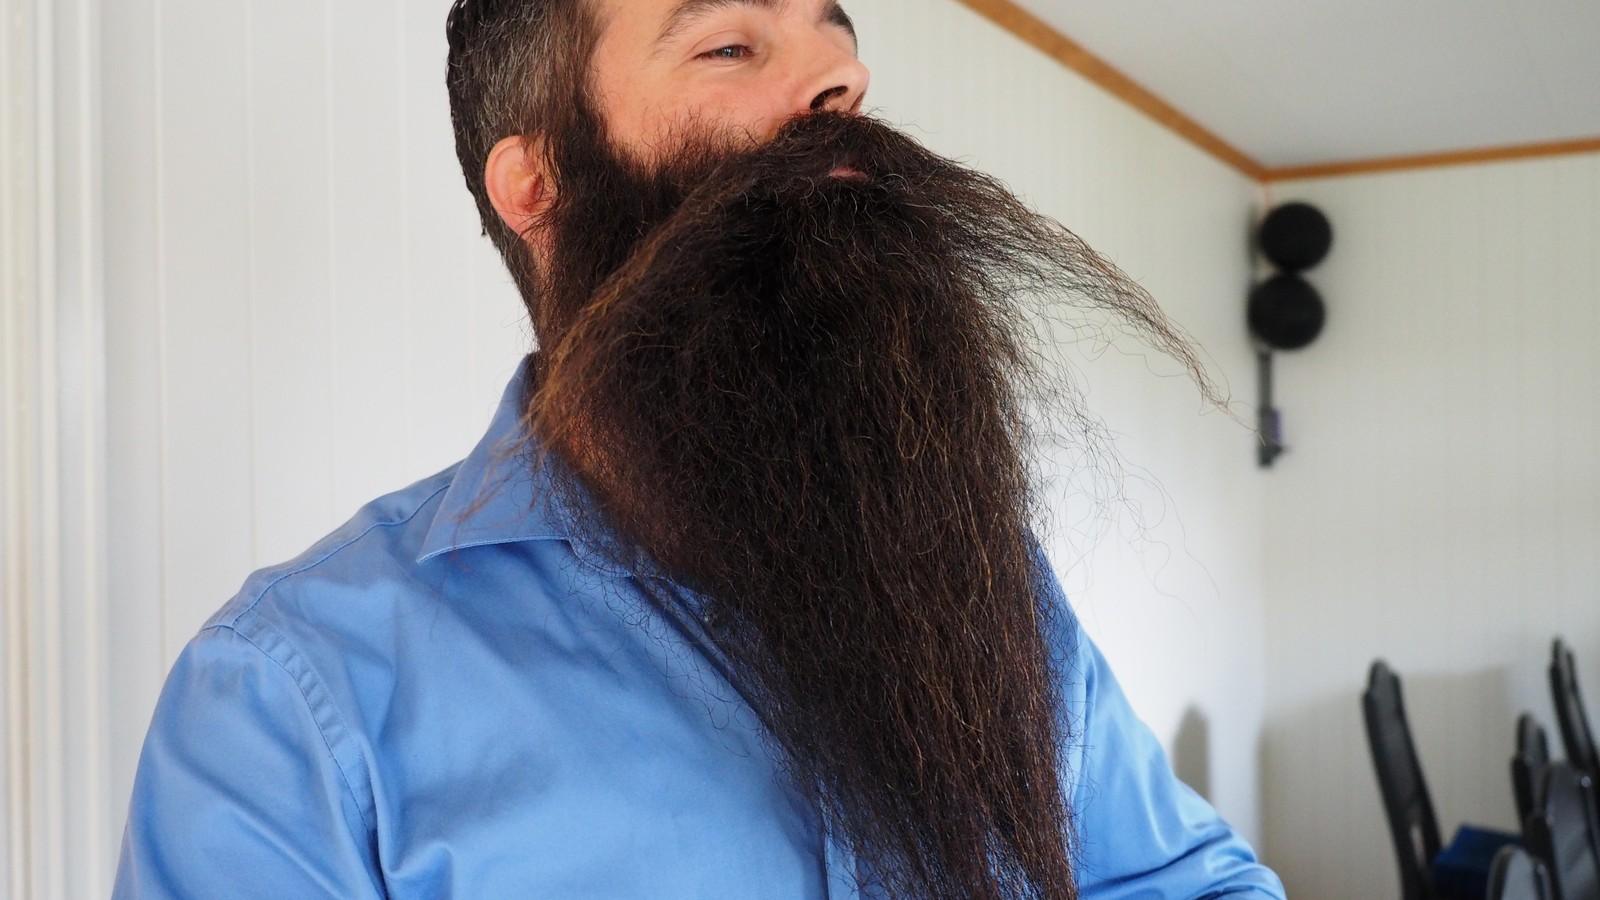 KLAR FOR NM: Nils Kåre Fugelsnes sitt skjegg er større og bedre enn i fjor.